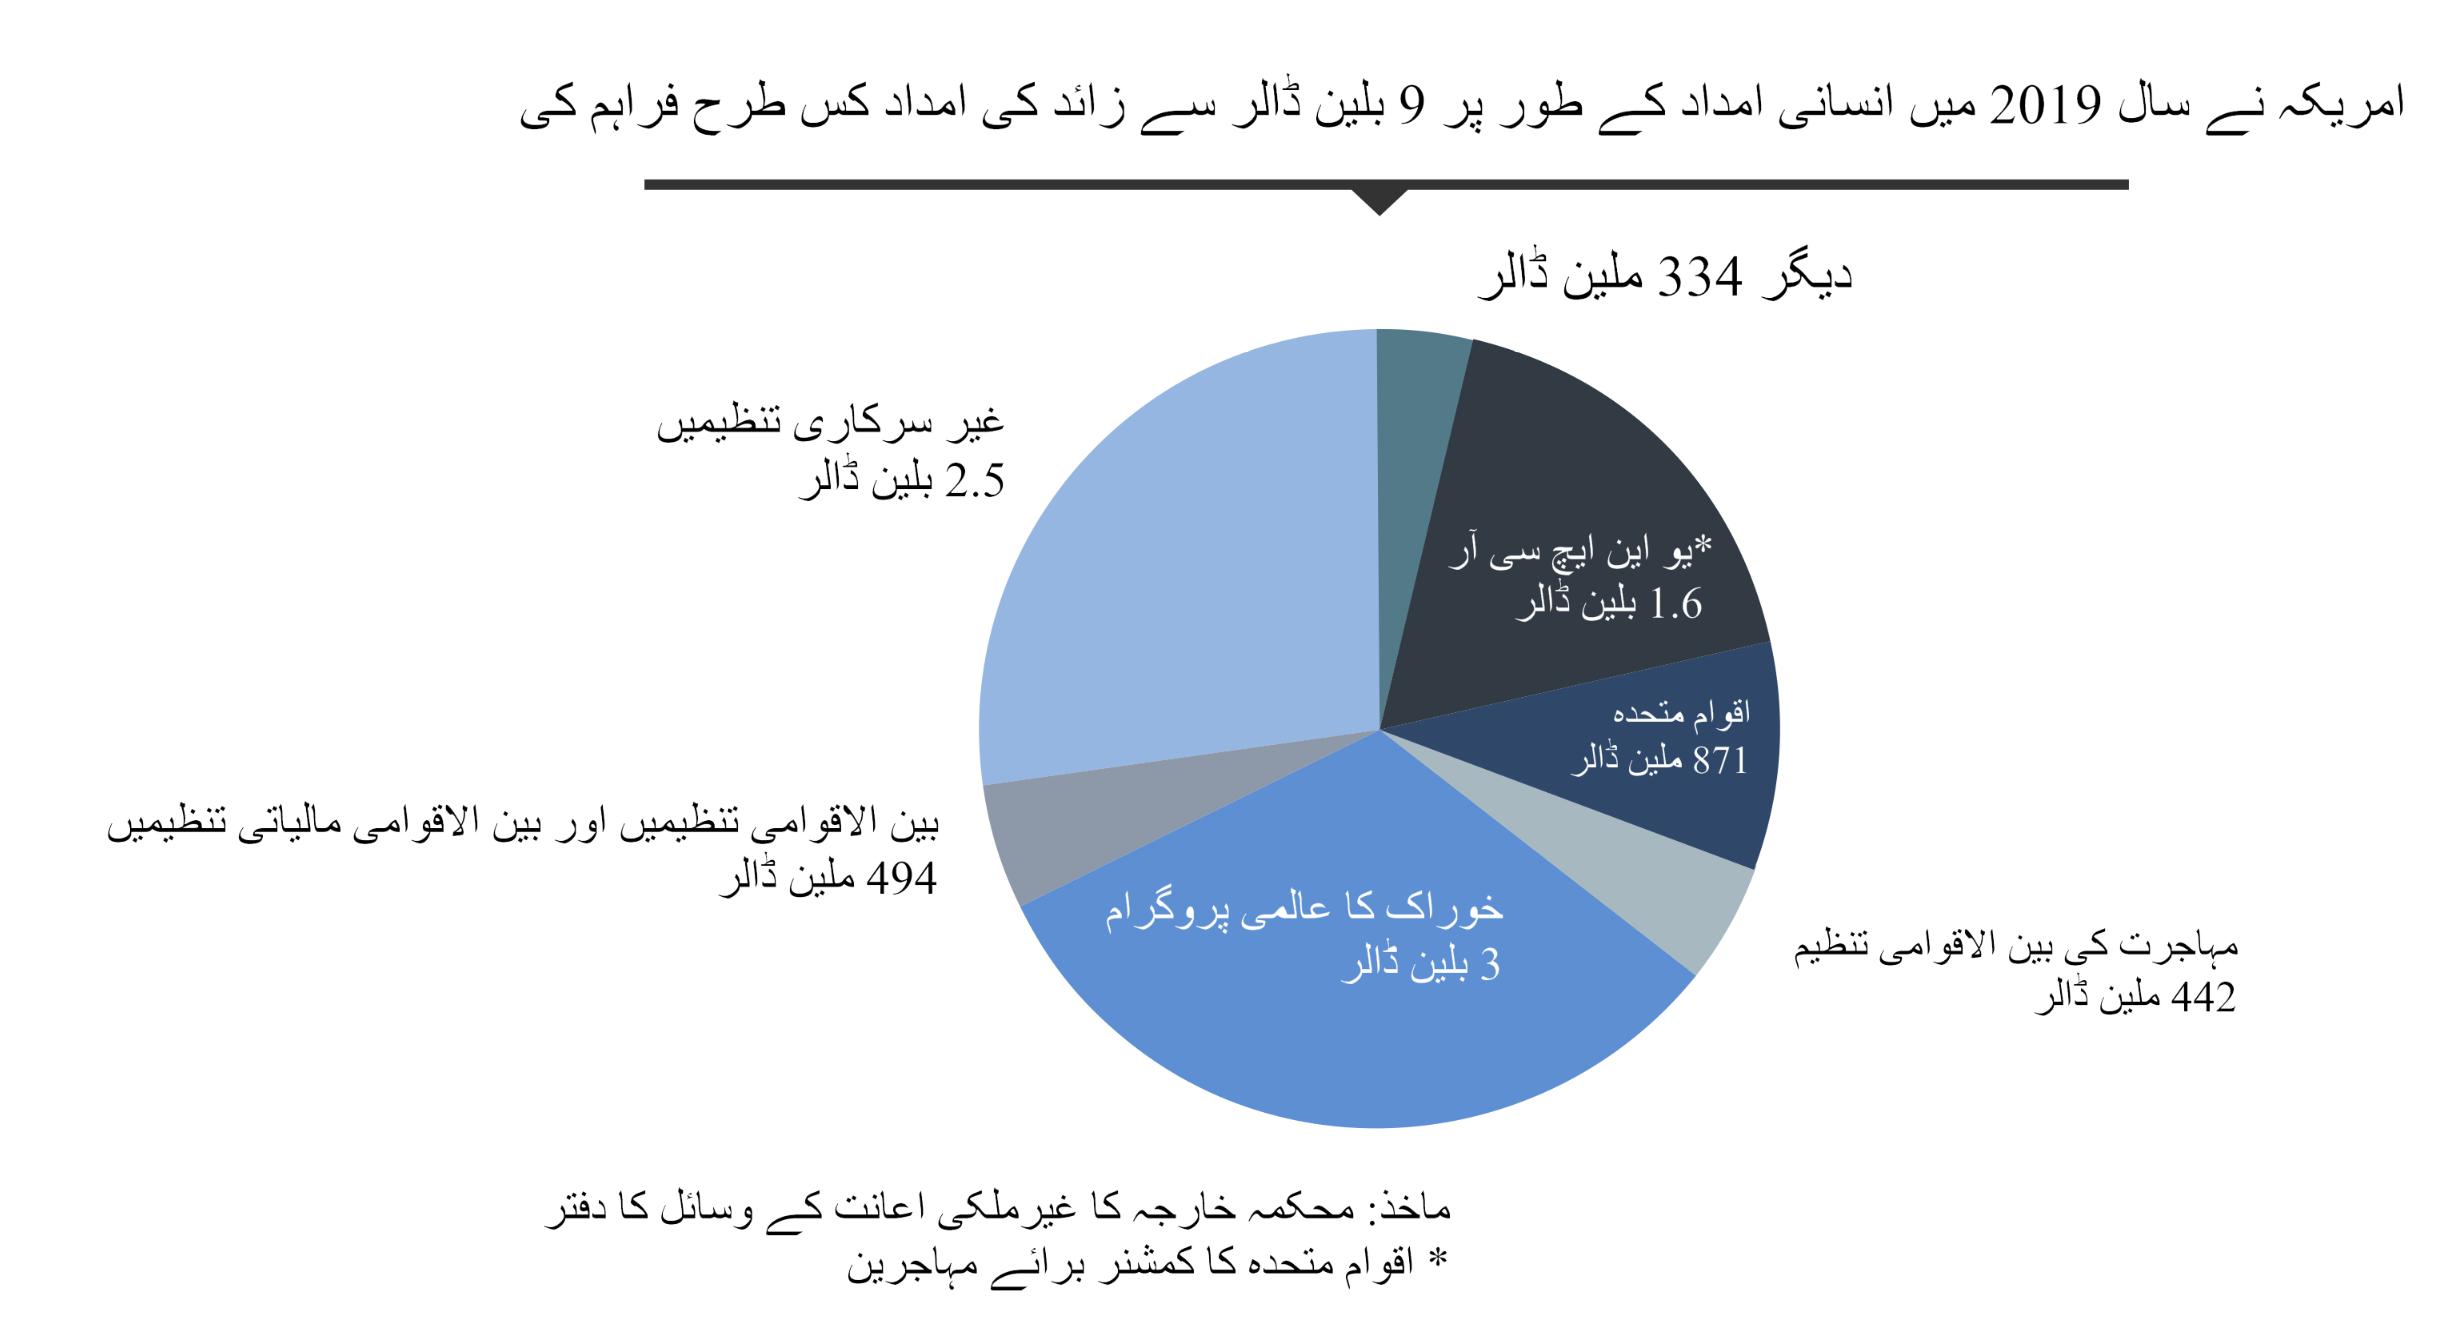 پائی چارٹ کی مدد سے مختلف تنظیموں کی طرف سے انسانی بنیادوں پر دی جانے والی امداد رقومات کی تفصیل۔ (State Dept./S. Gemeny Wilkinson)